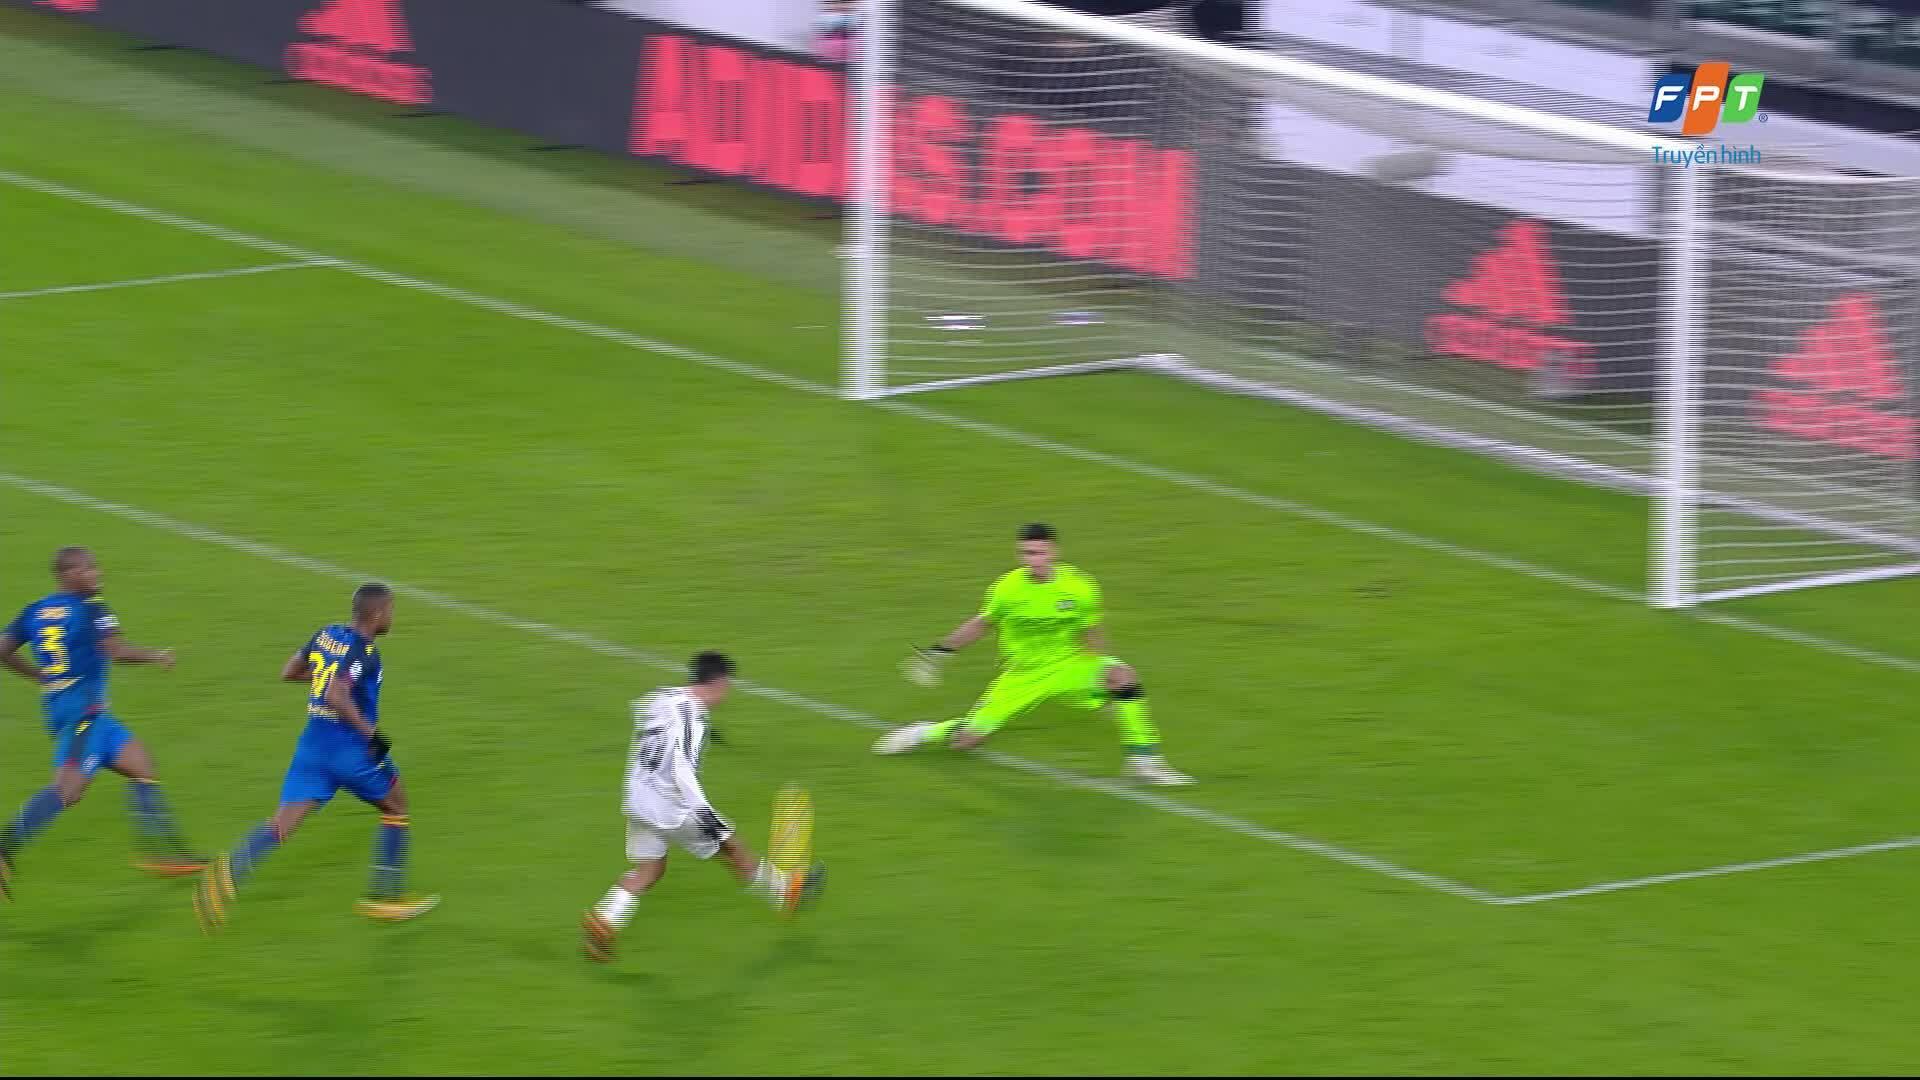 Juventus 4-1 Udinese